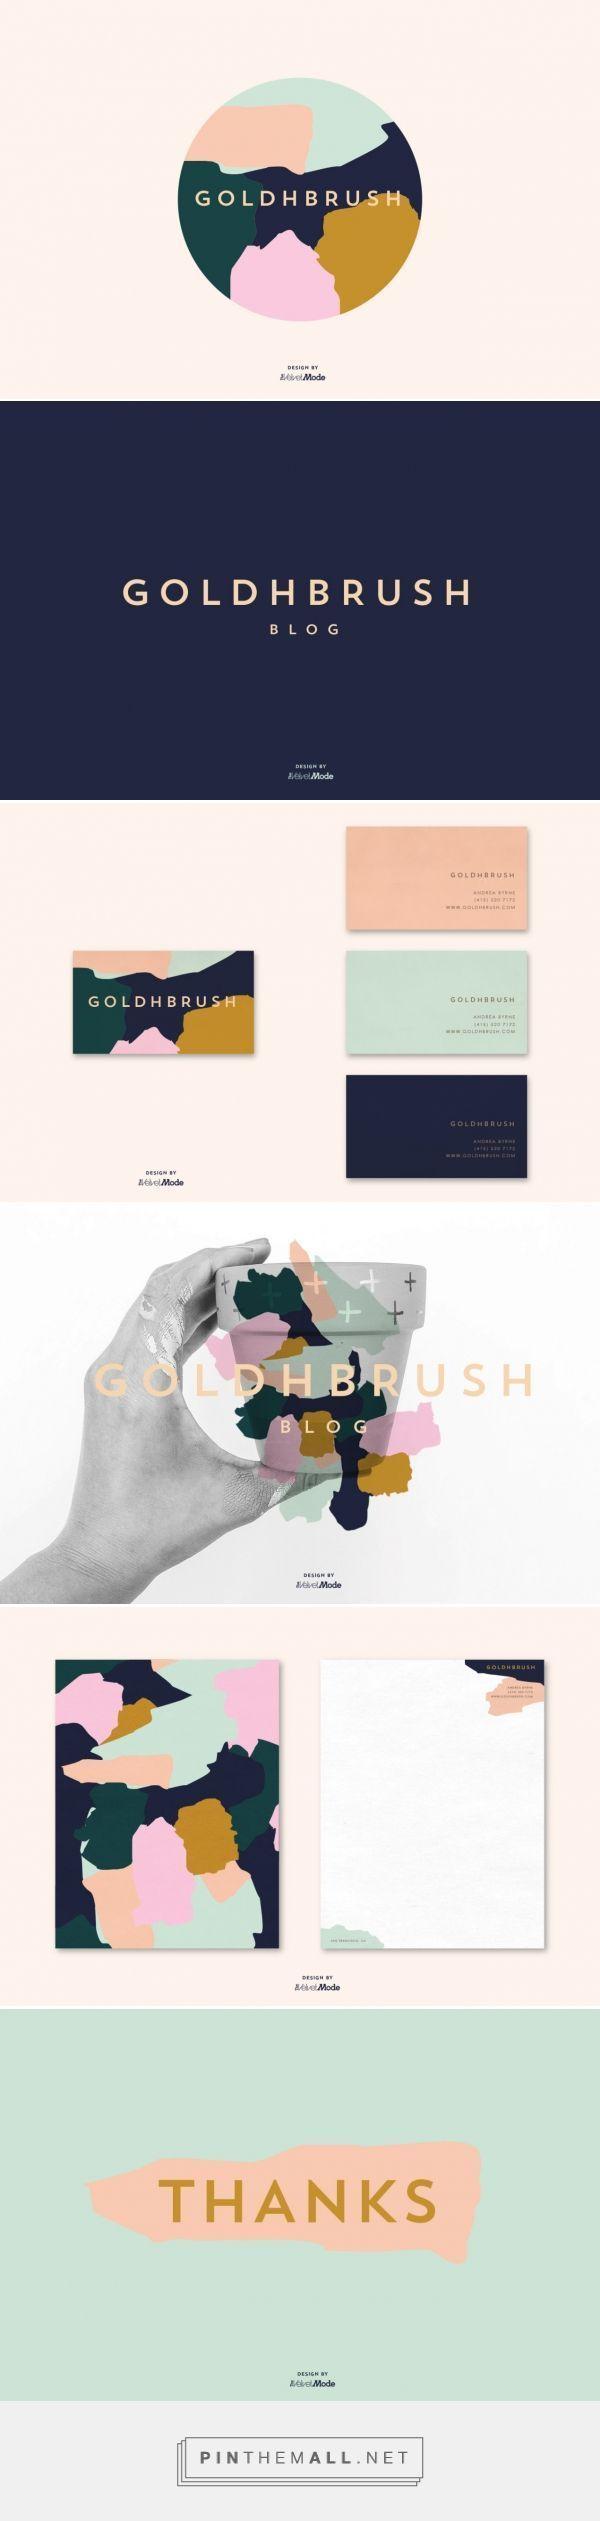 Branding for Goldhbrush Blog by The Velvet Mode in San Francisco.